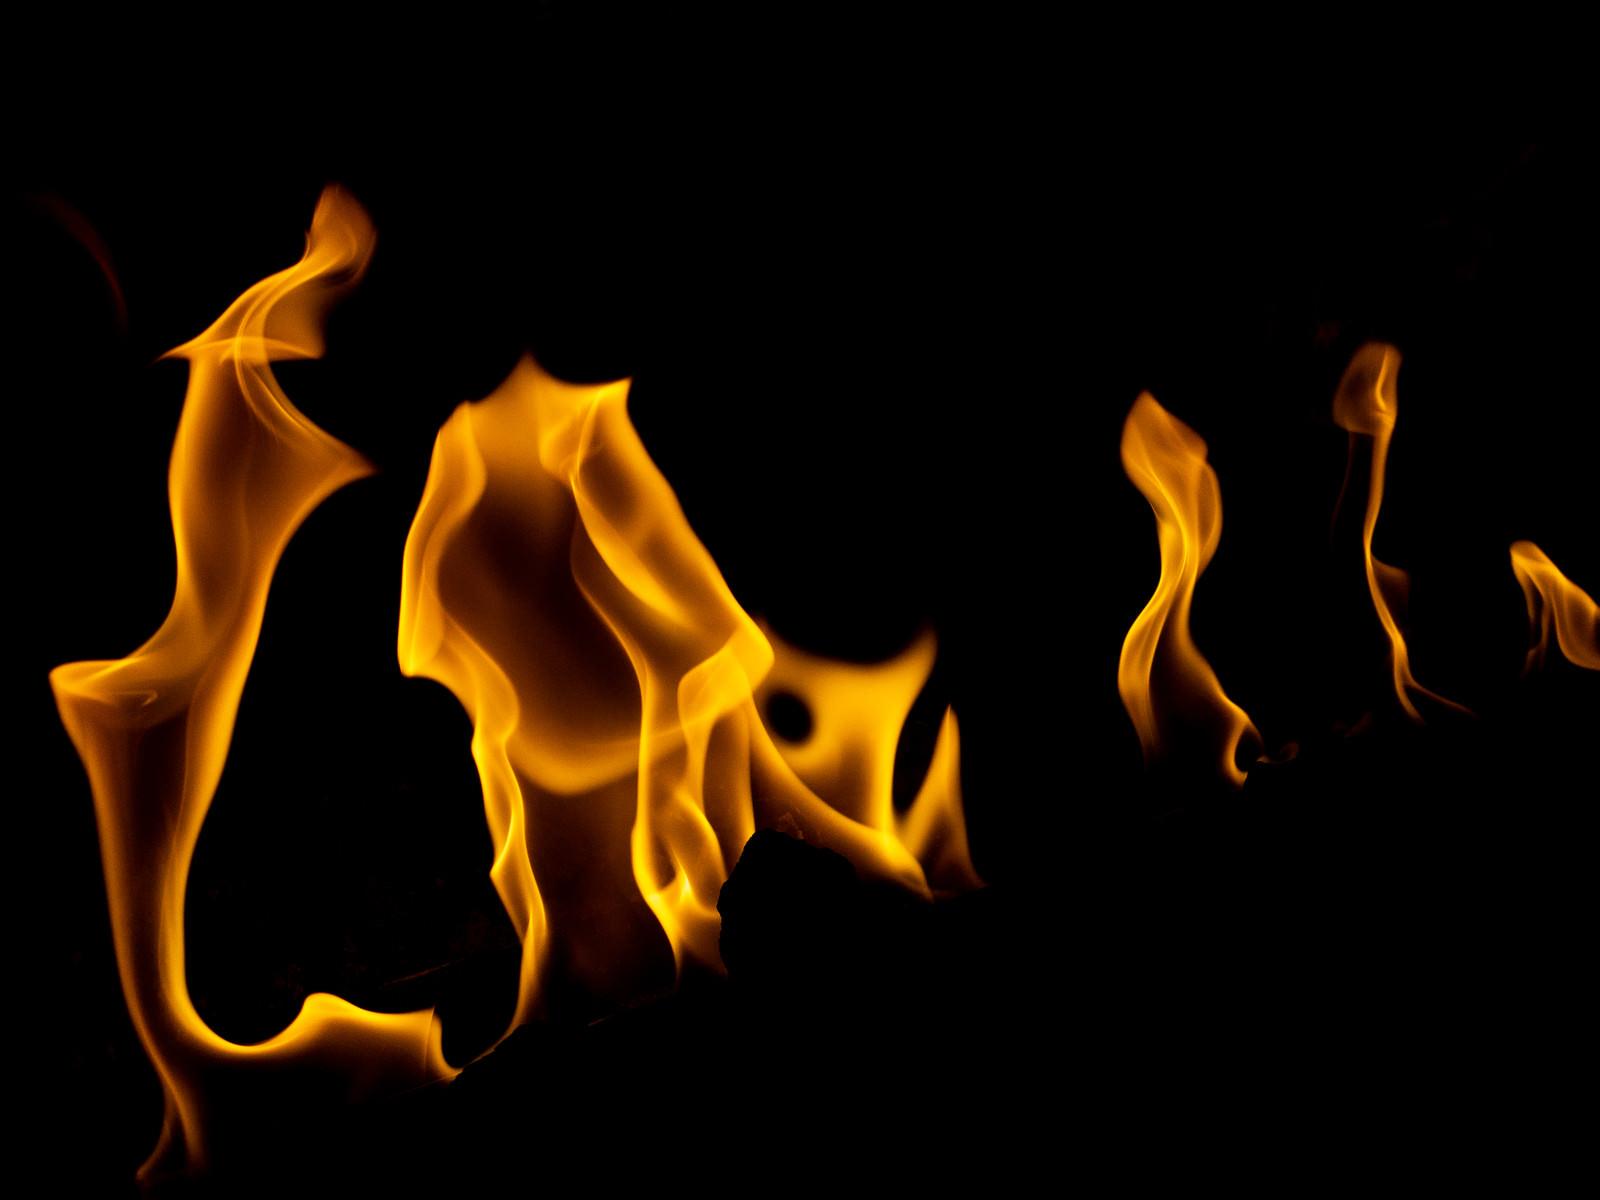 「火力アップ」の写真